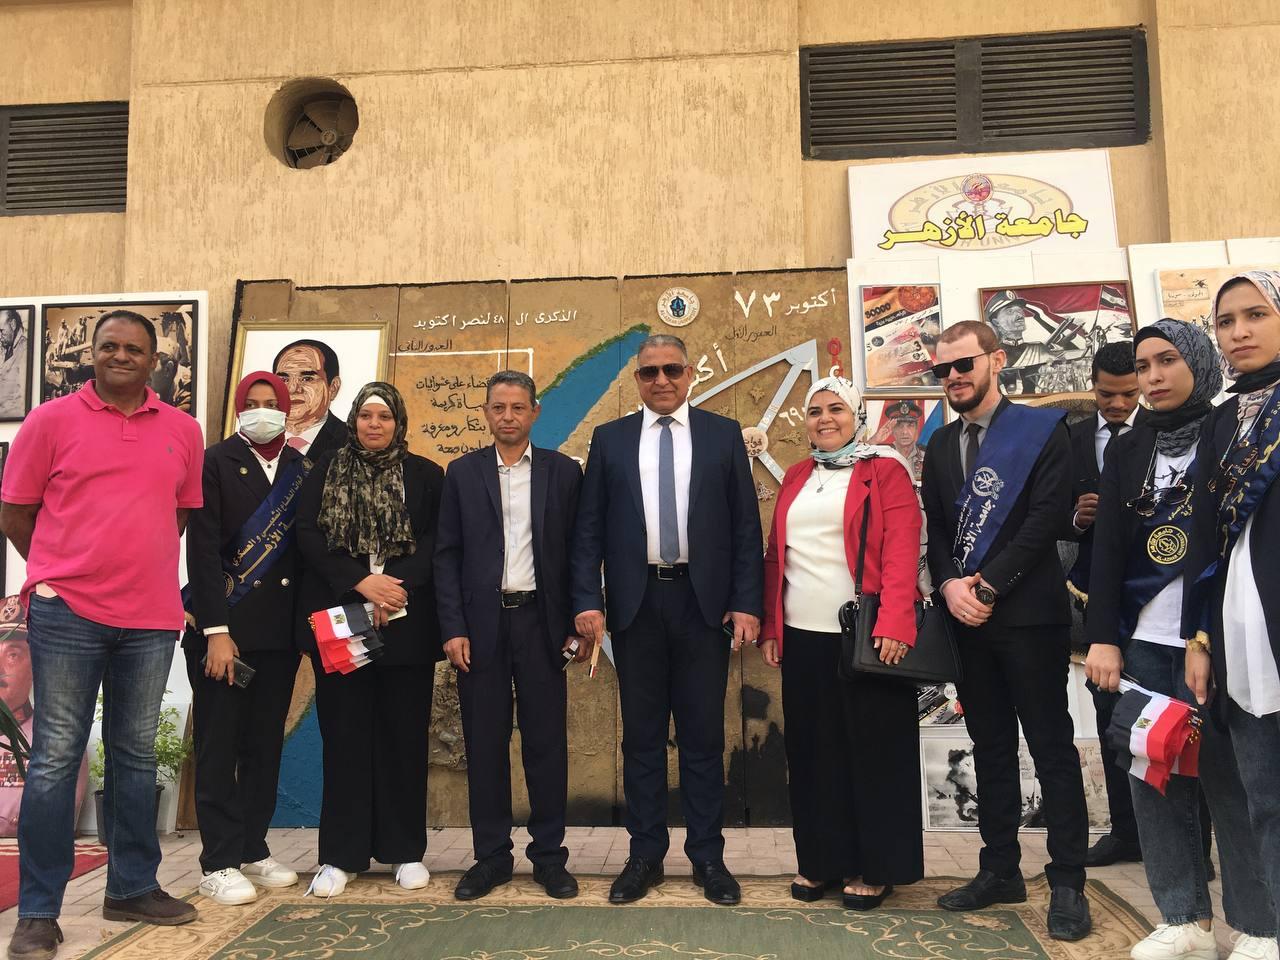 نائب رئيس جامعة الأزهر يشارك في الاحتفال بذكرى انتصارات أكتوبر